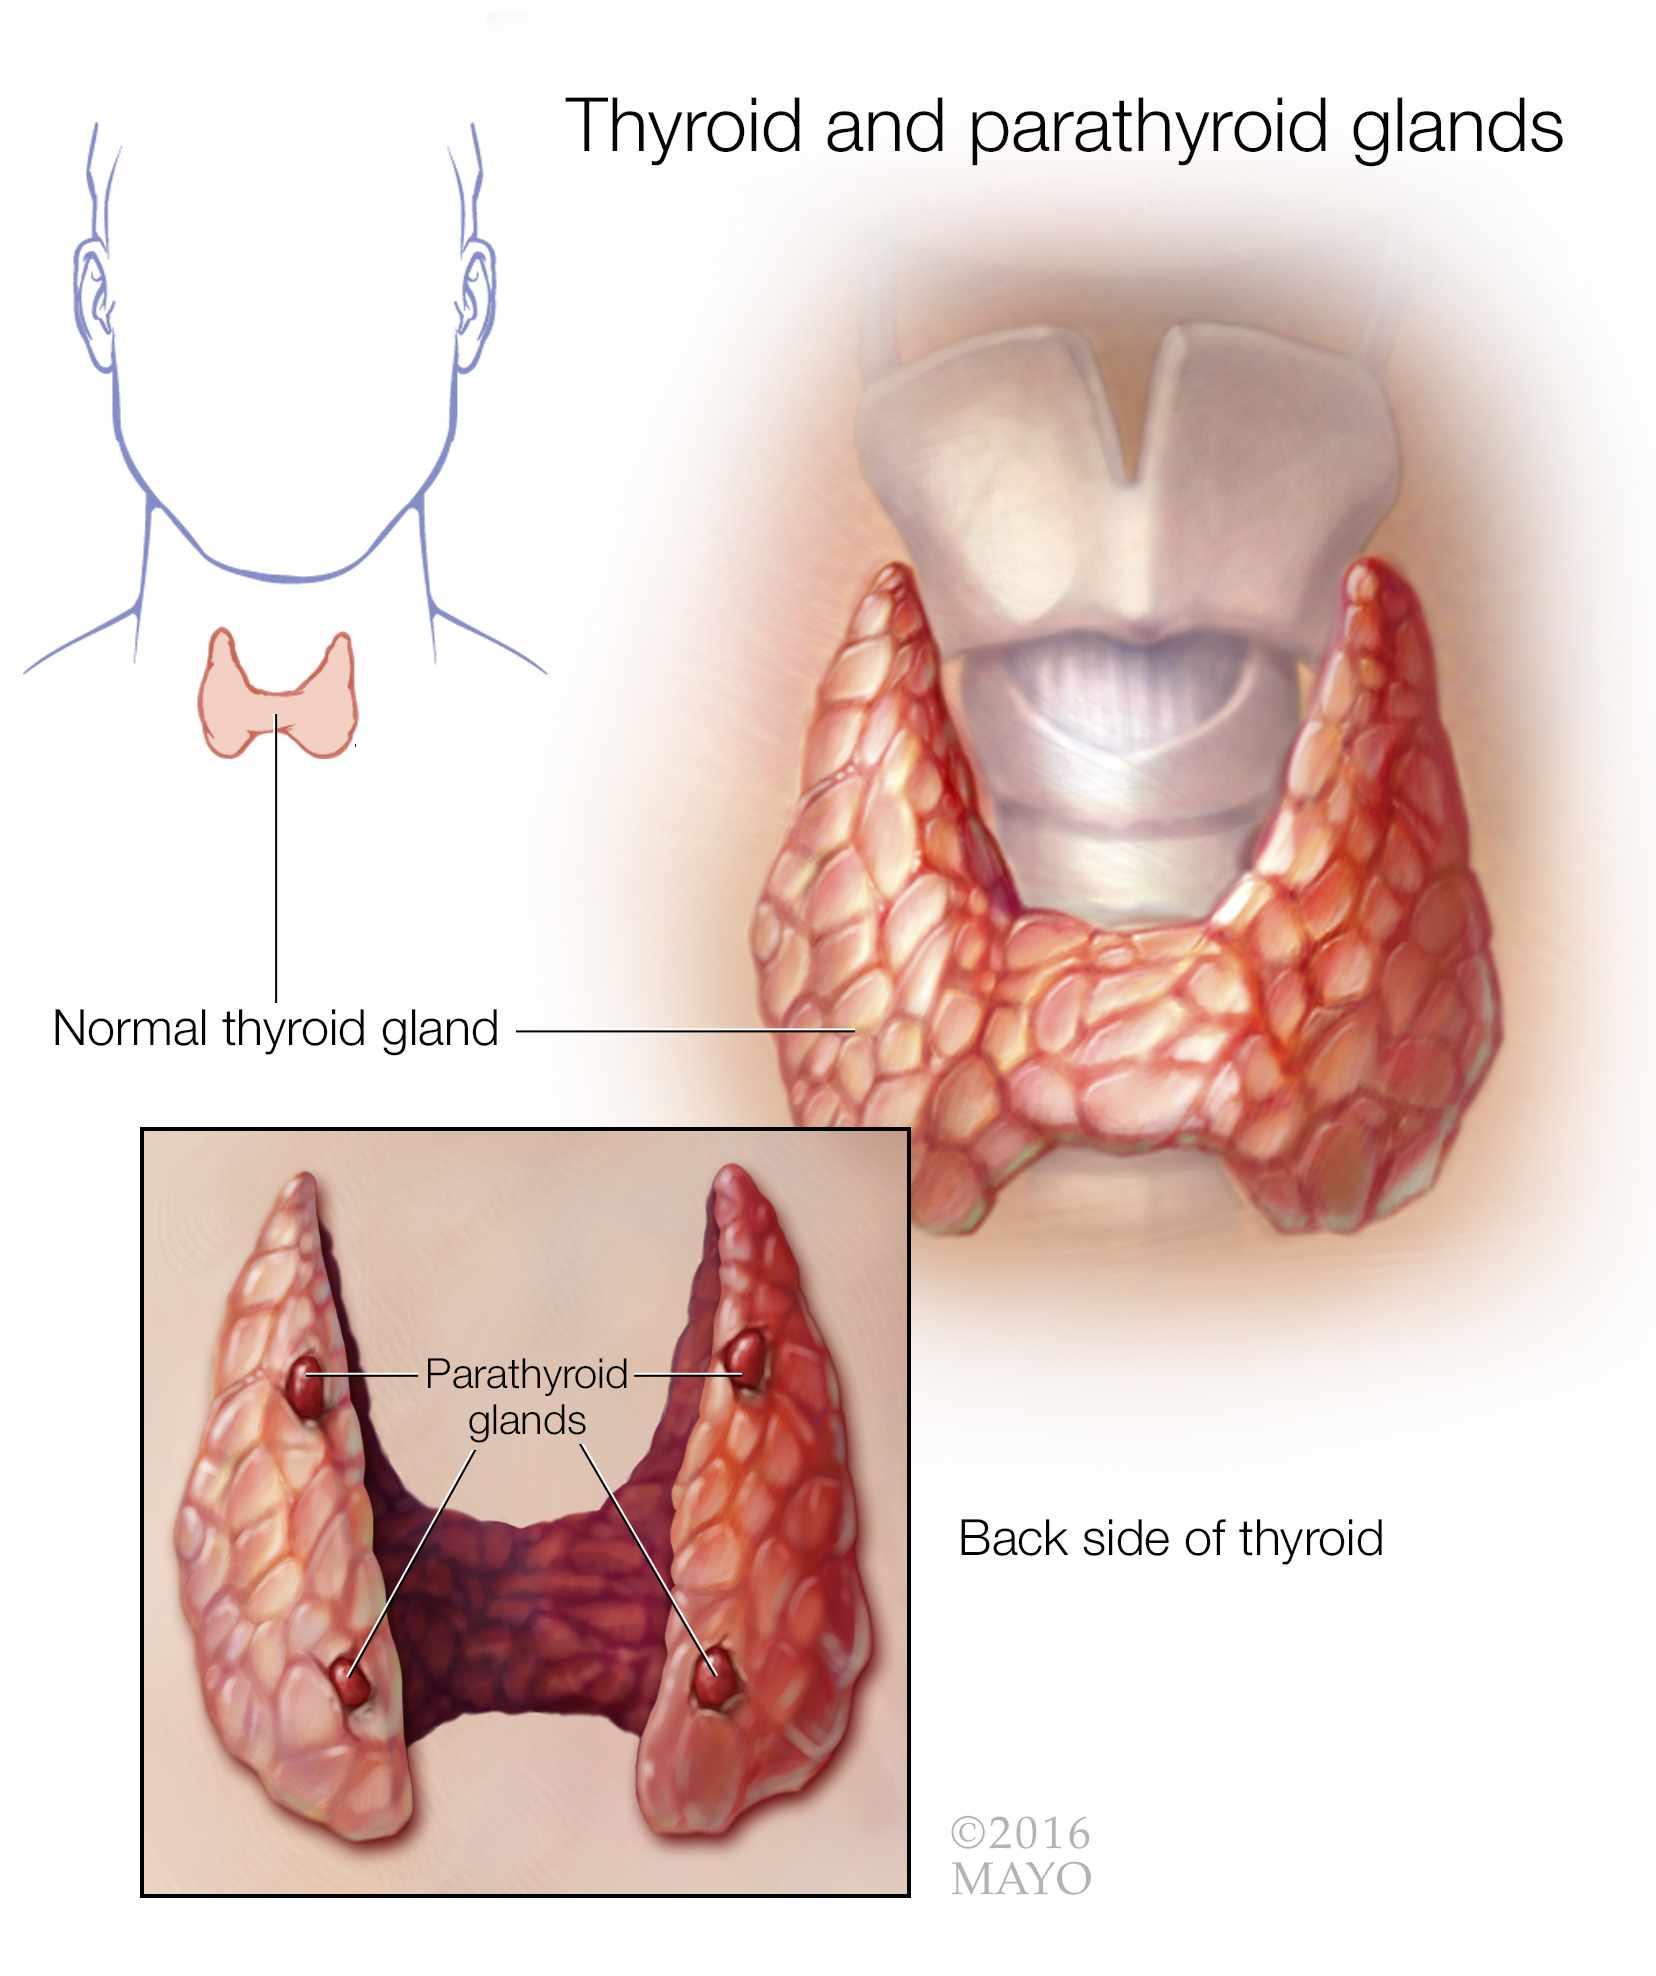 ilustración médica de las glándulas tiroides y paratiroides